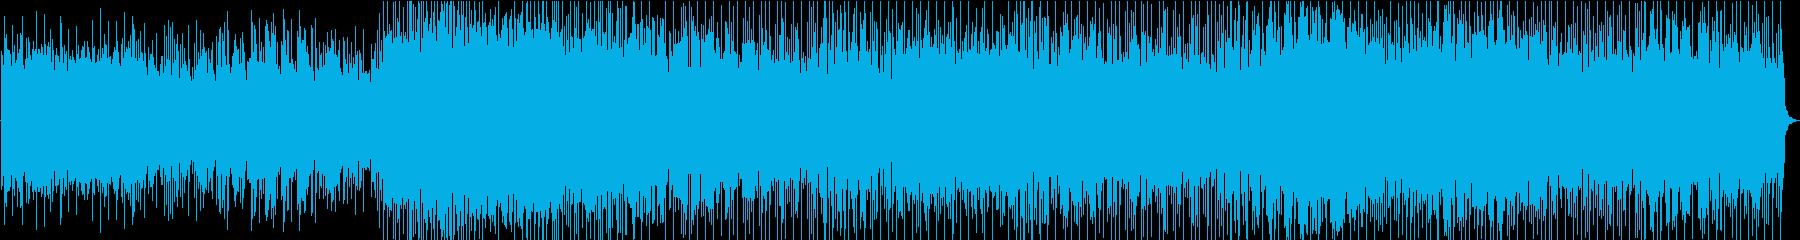 あかるくかわいい感じでファンタジックな曲の再生済みの波形